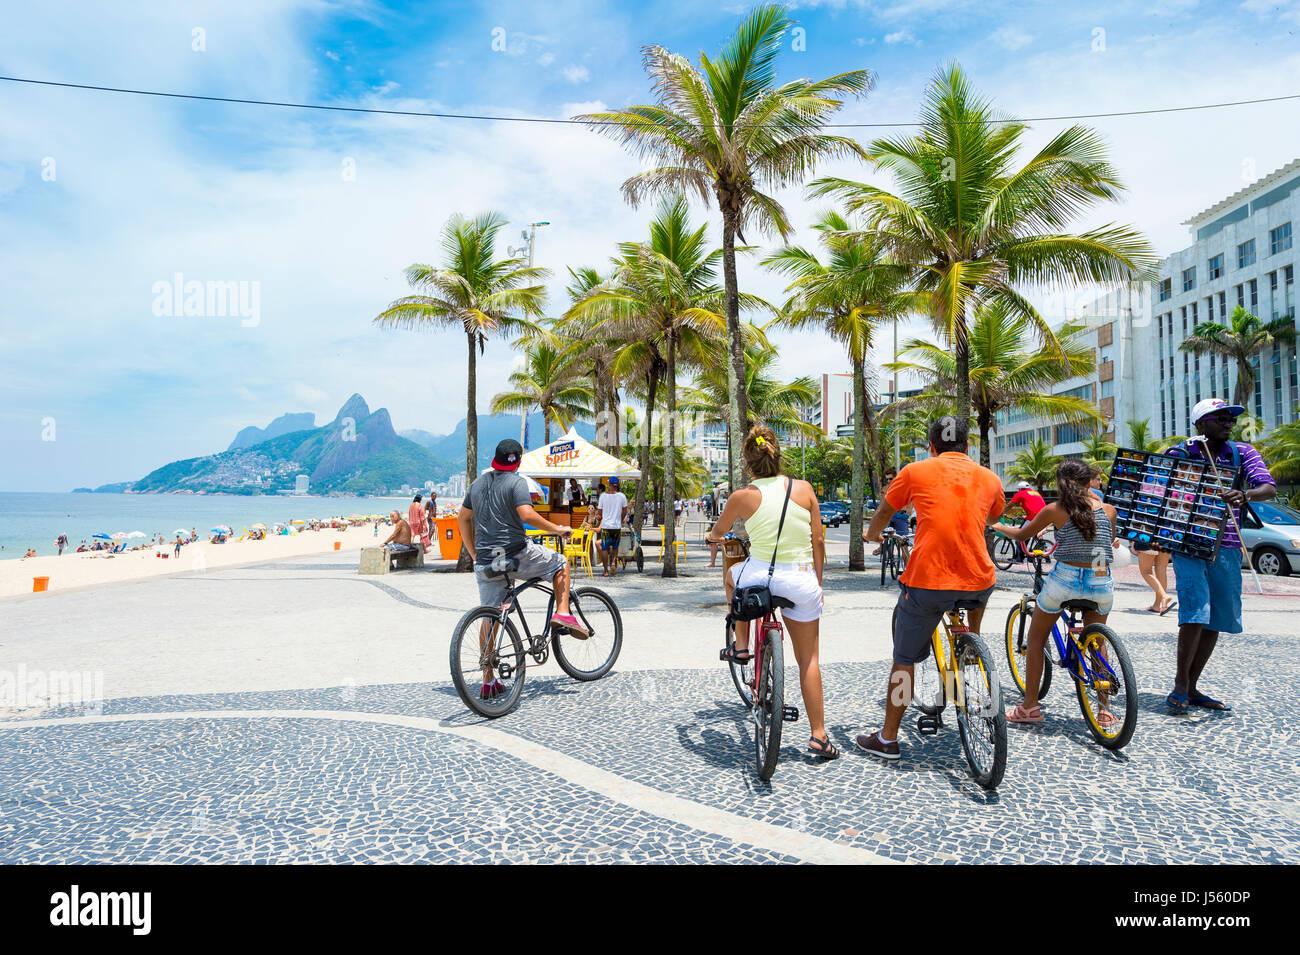 RIO DE JANEIRO - Febrero 1, 2017: un grupo de visitantes de la playa de Ipanema dejar sus bicicletas en el Boardwalk Imagen De Stock